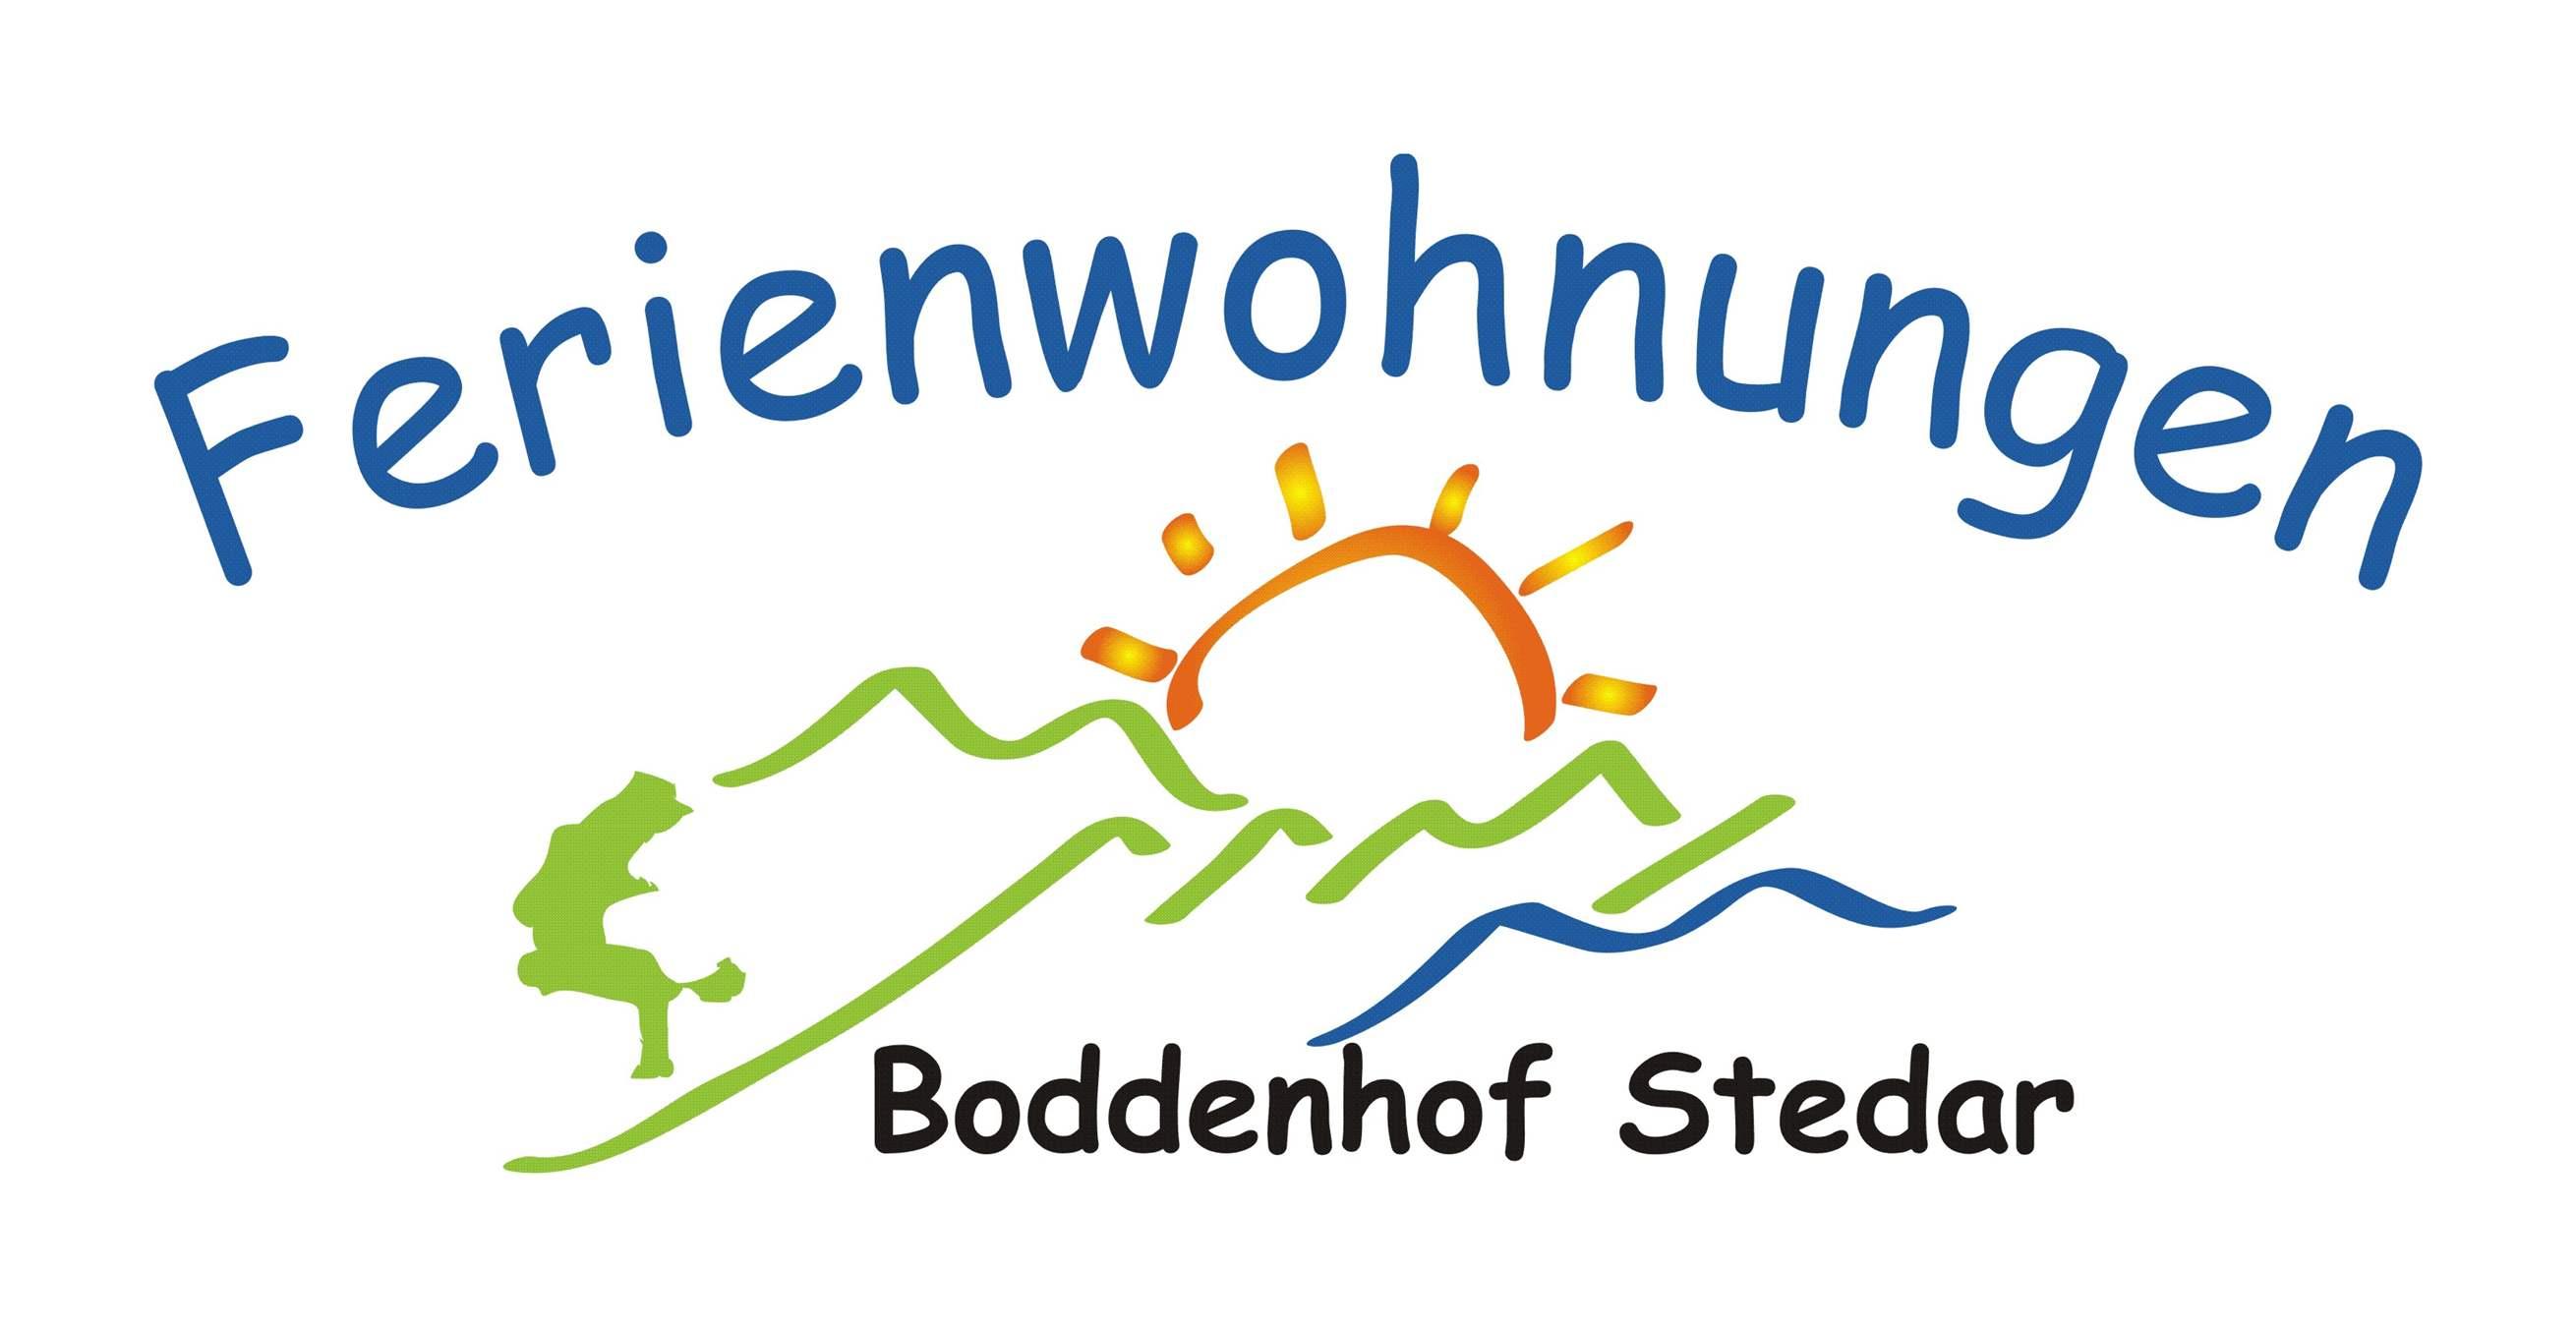 Ferienwohnungen Boddenhof Stedar